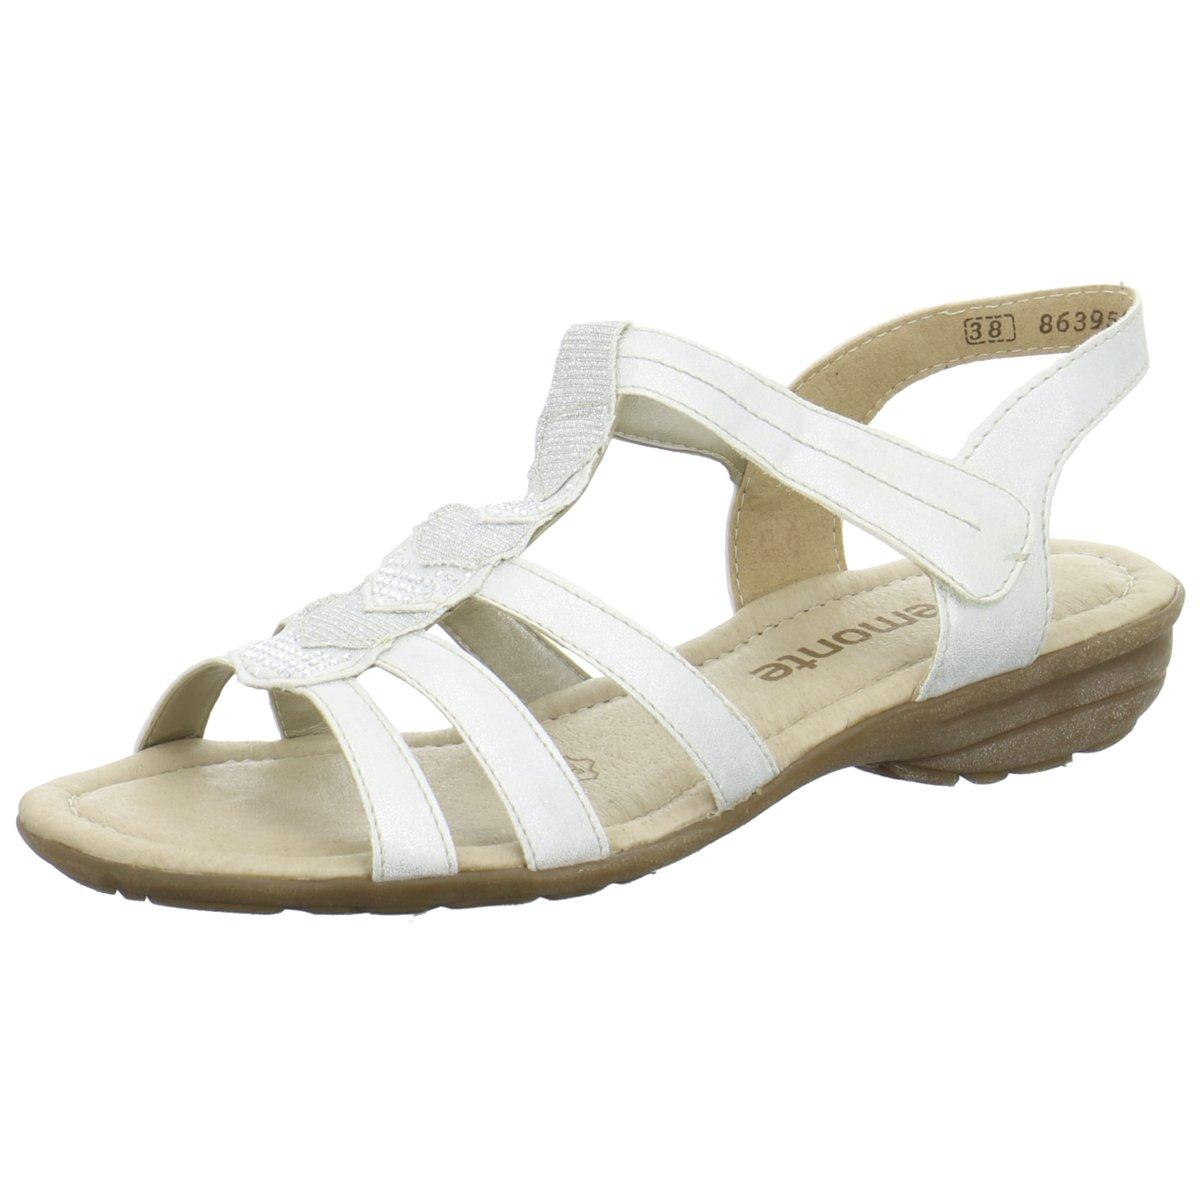 Remonte Damen Sandaletten R3637-80 weiß 272291